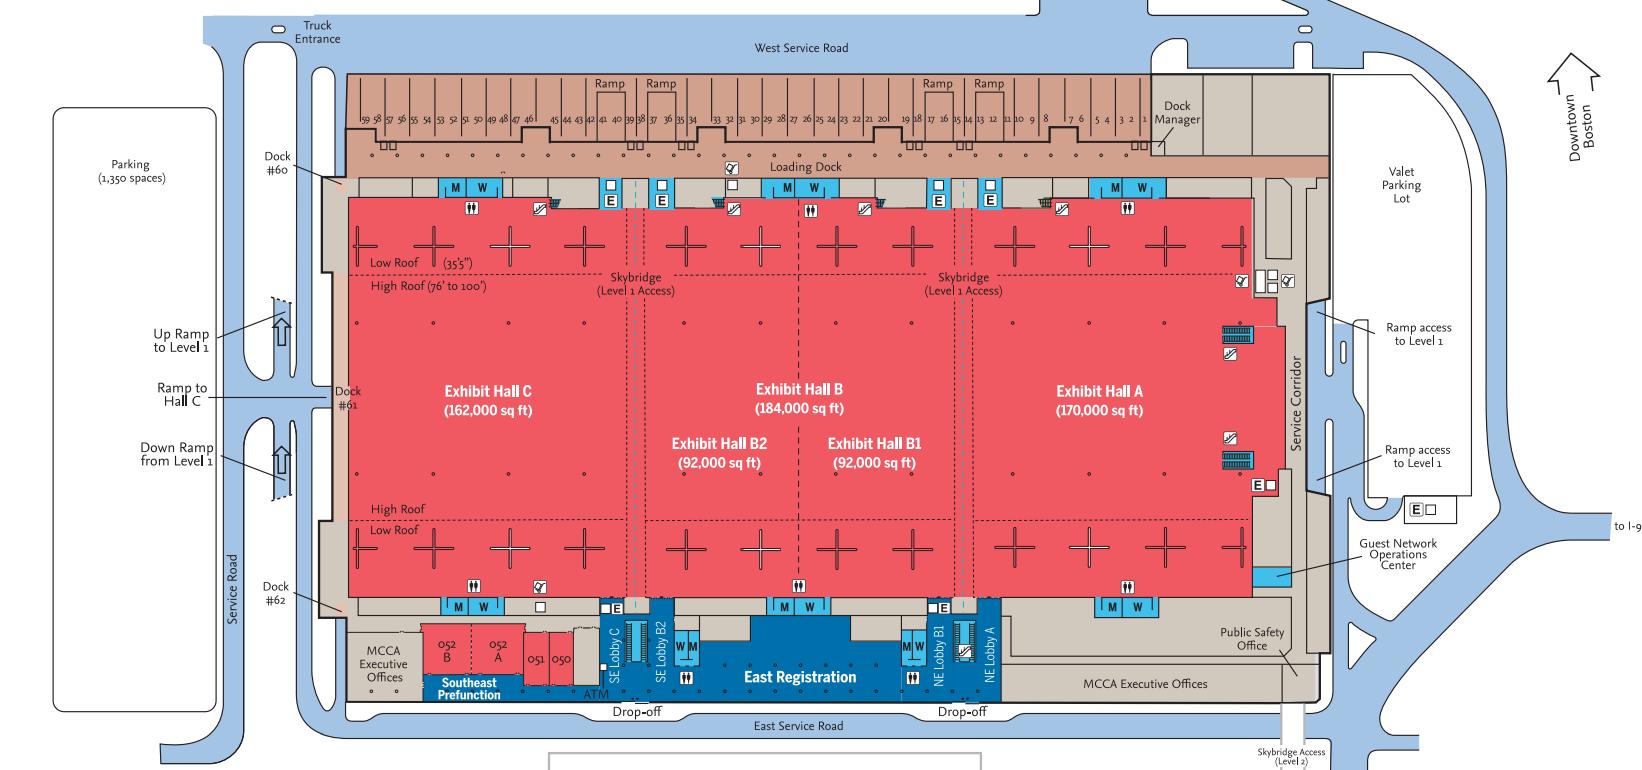 map of boston convention center Venues Boston Convention Exhibition Center map of boston convention center